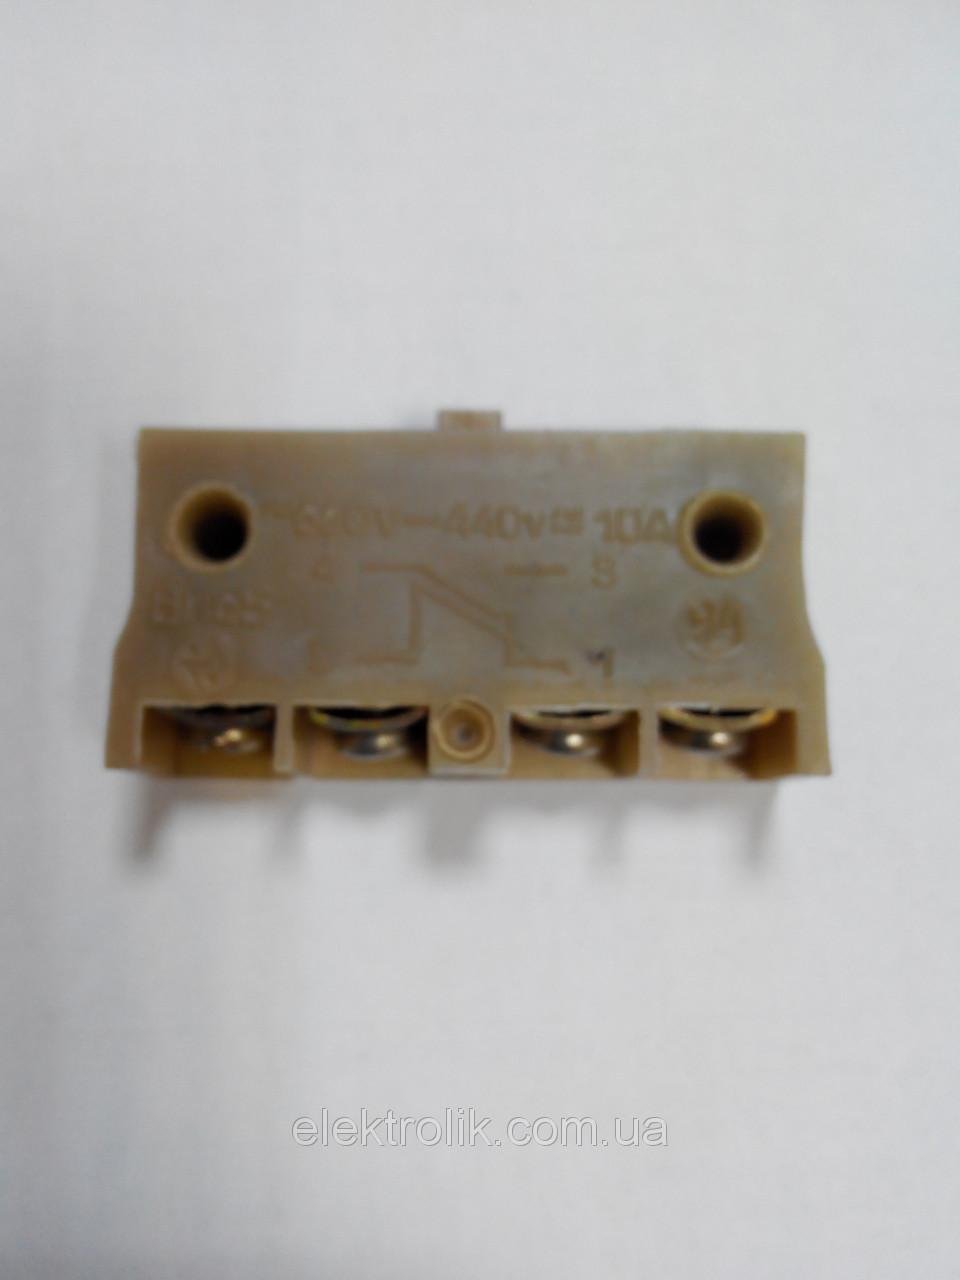 Выключатель путевой ВП 65 2111 микропереключатель